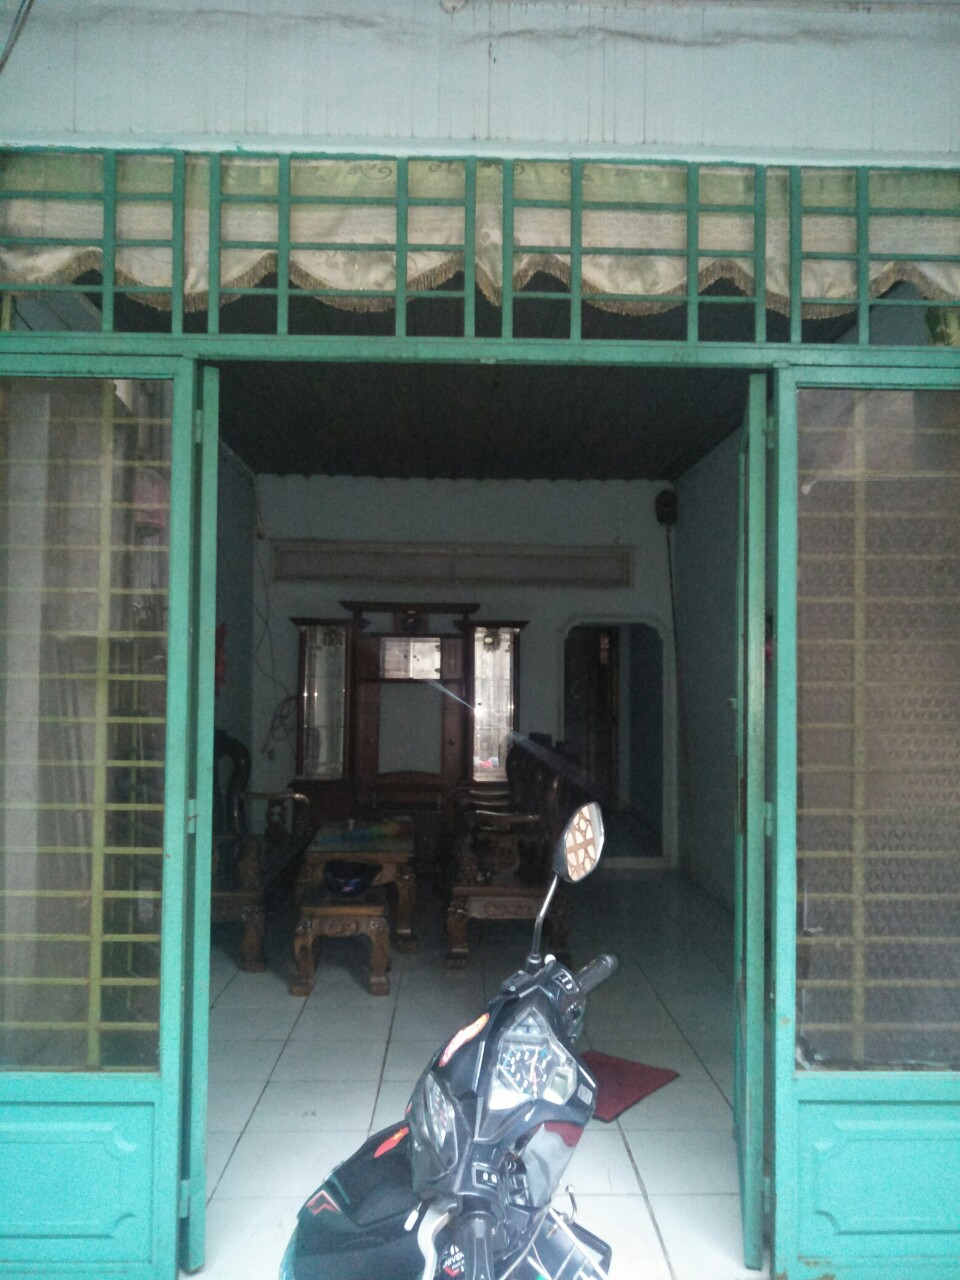 Bán nhà Dĩ An cấp 4 giá rẻ sổ hồng riêng gần chợ Tân Long, Tân Đông Hiệp, Dĩ an, Bình Dương